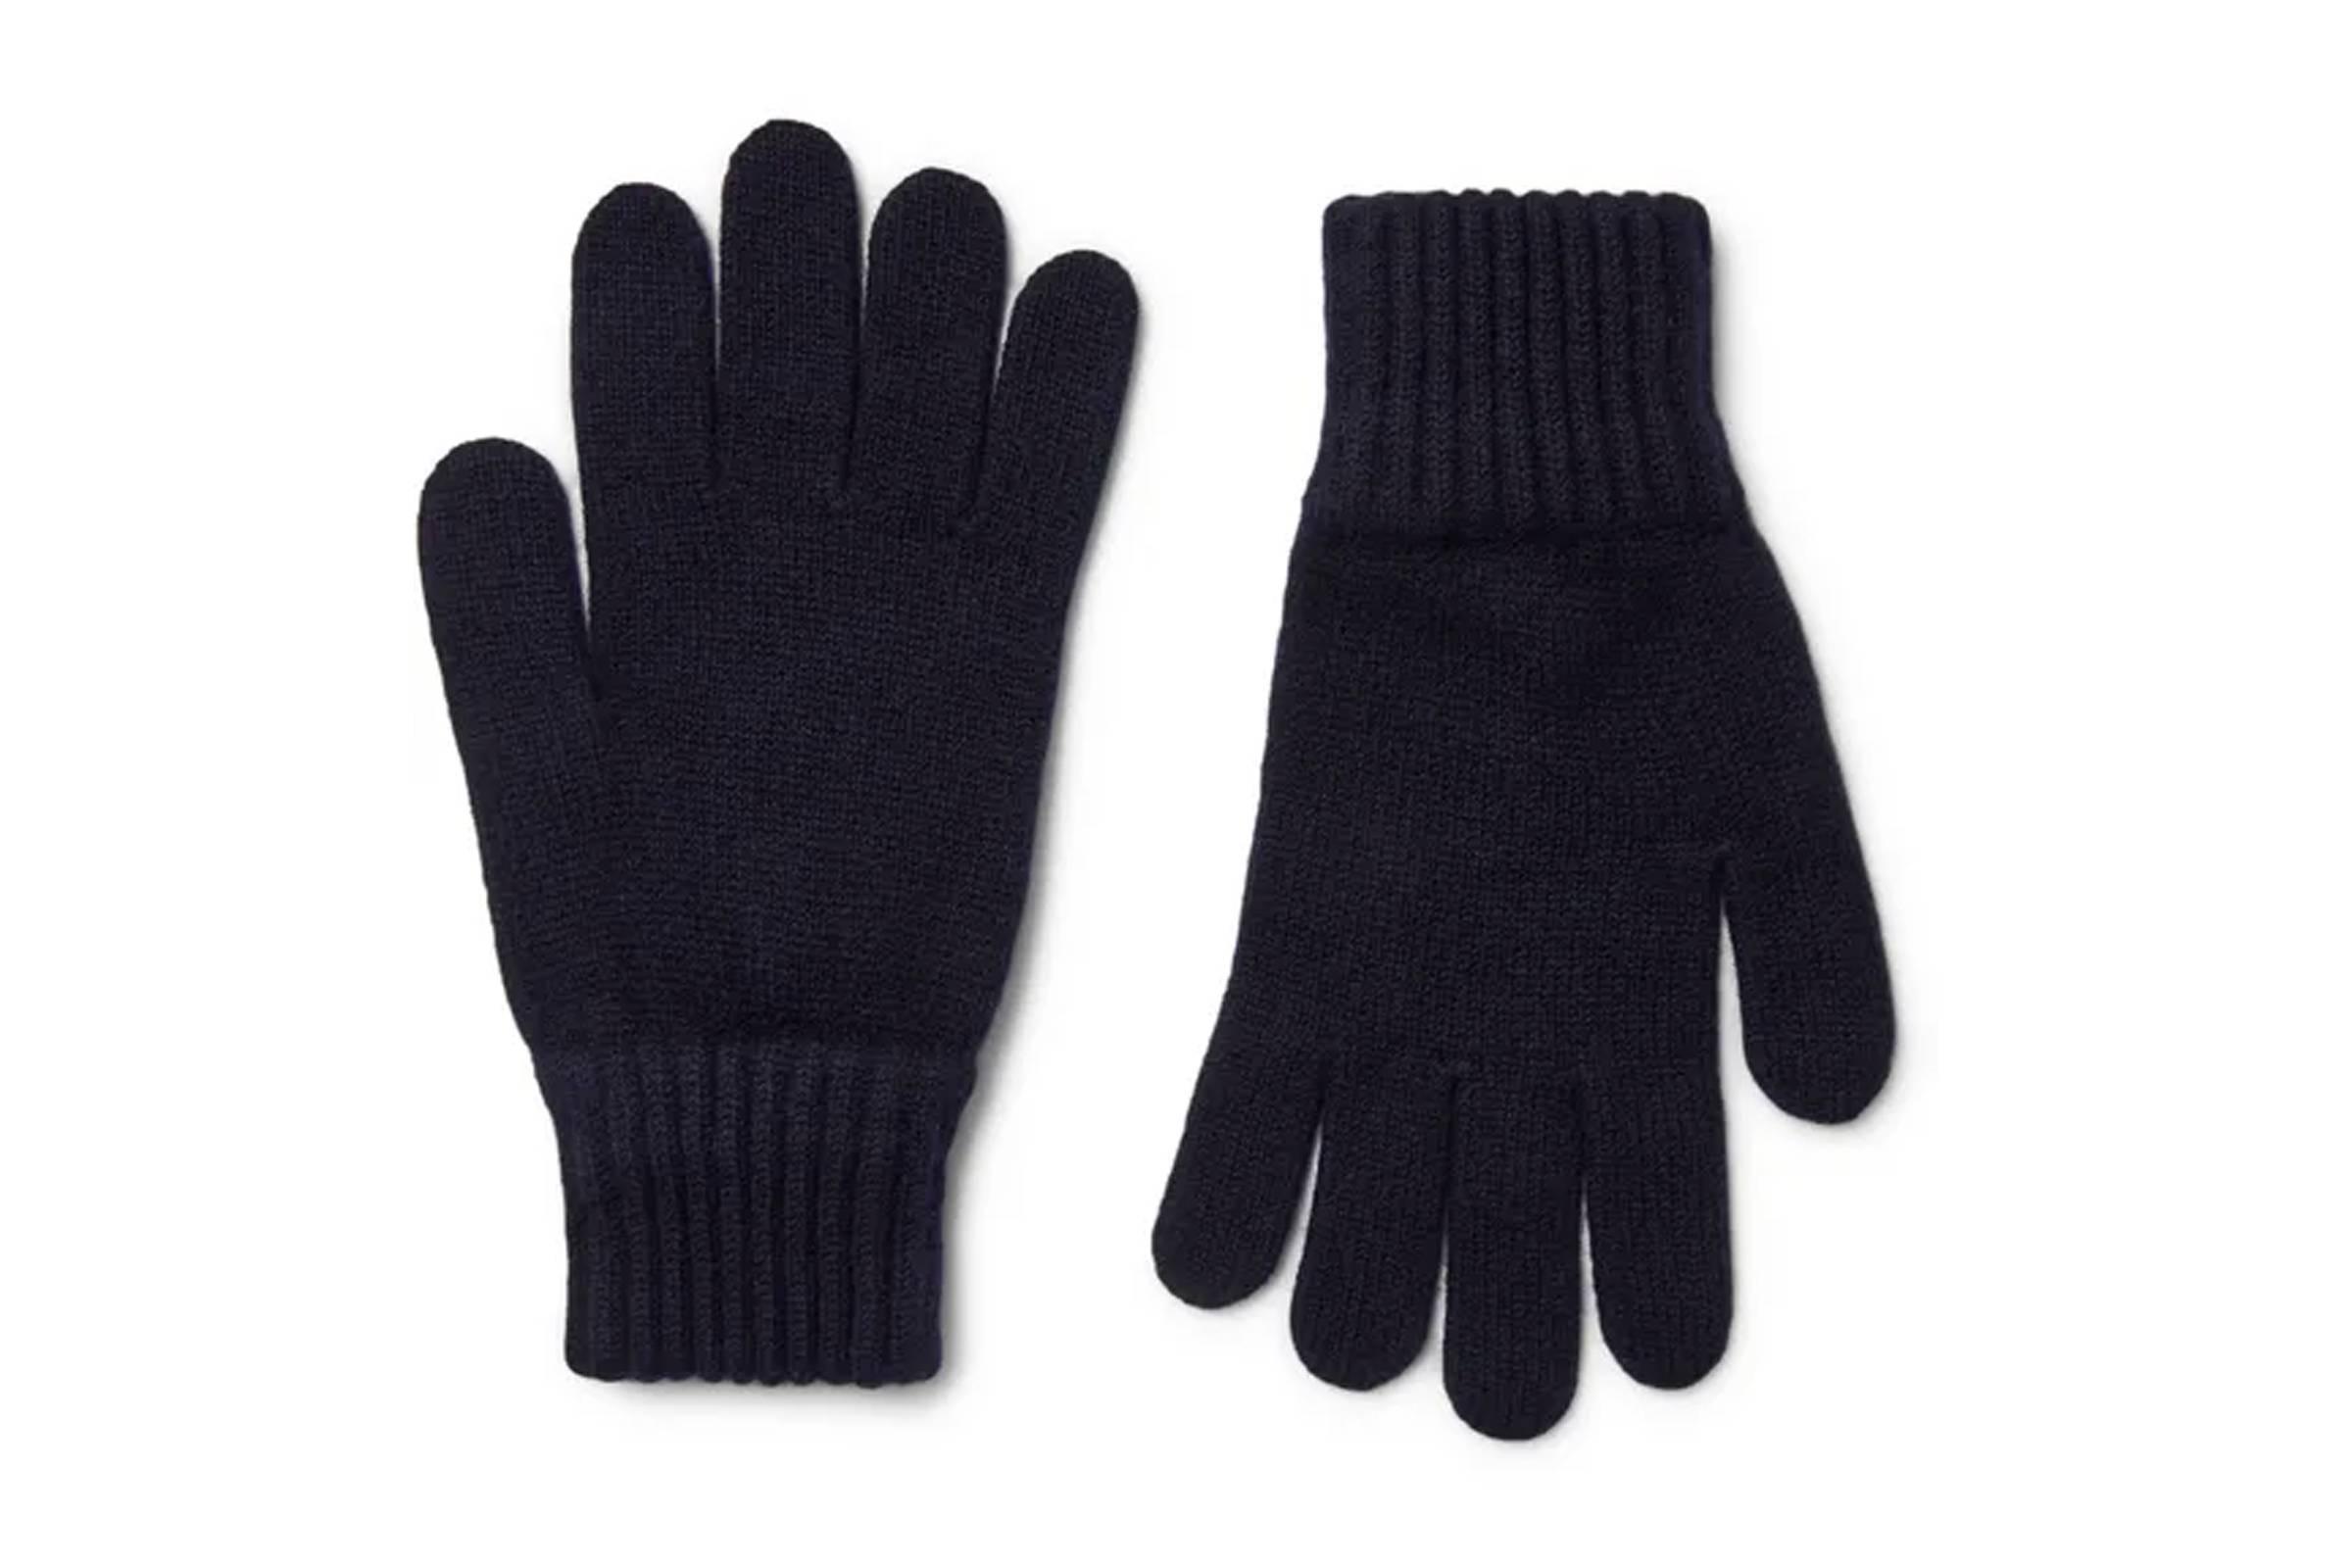 Best Knit Gloves